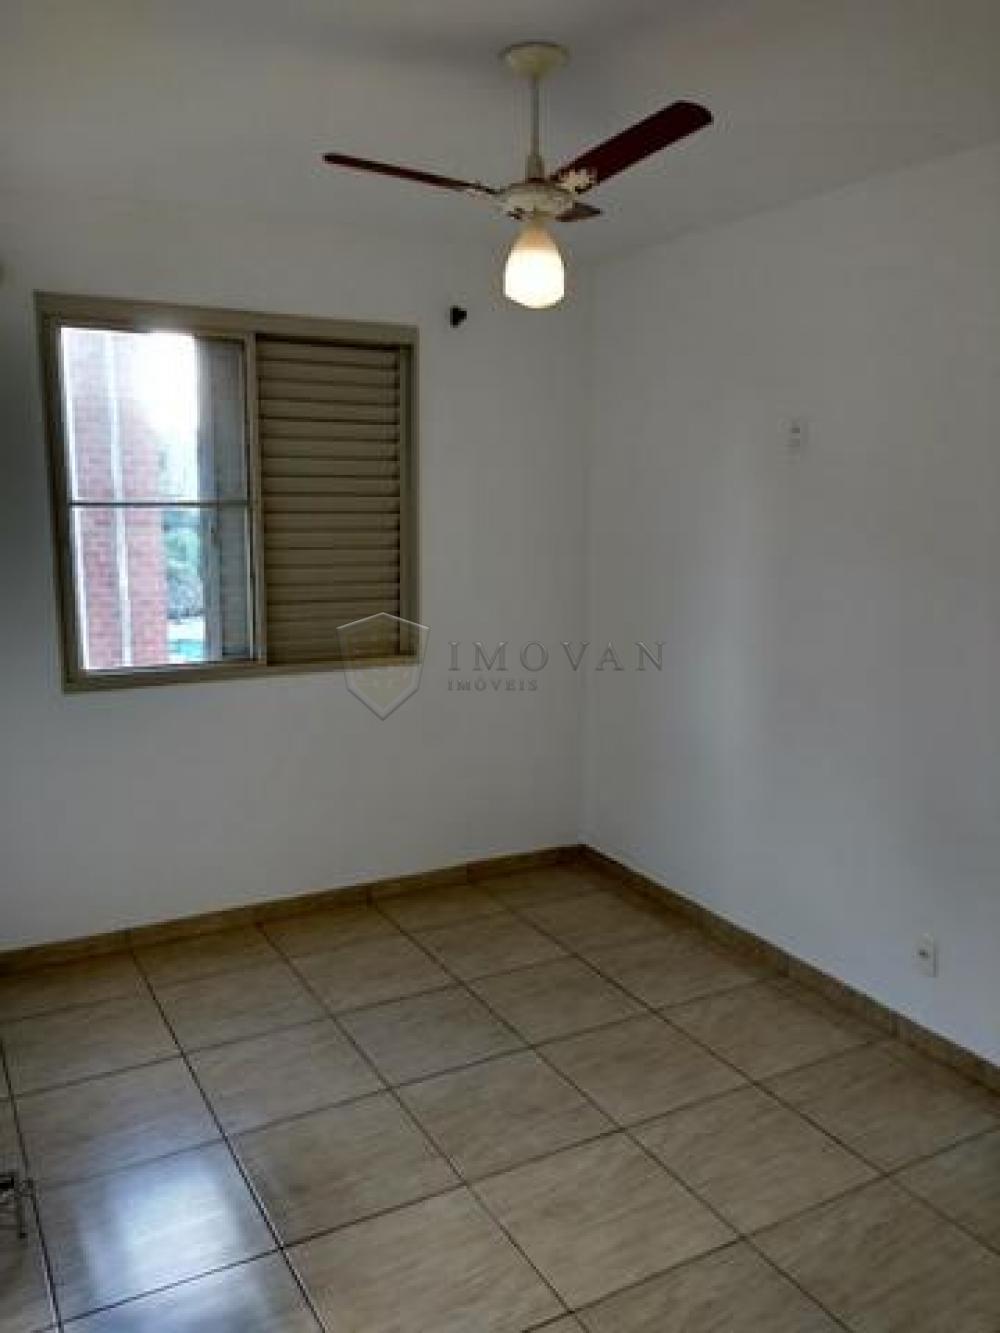 Comprar Apartamento / Padrão em Ribeirão Preto R$ 188.000,00 - Foto 4